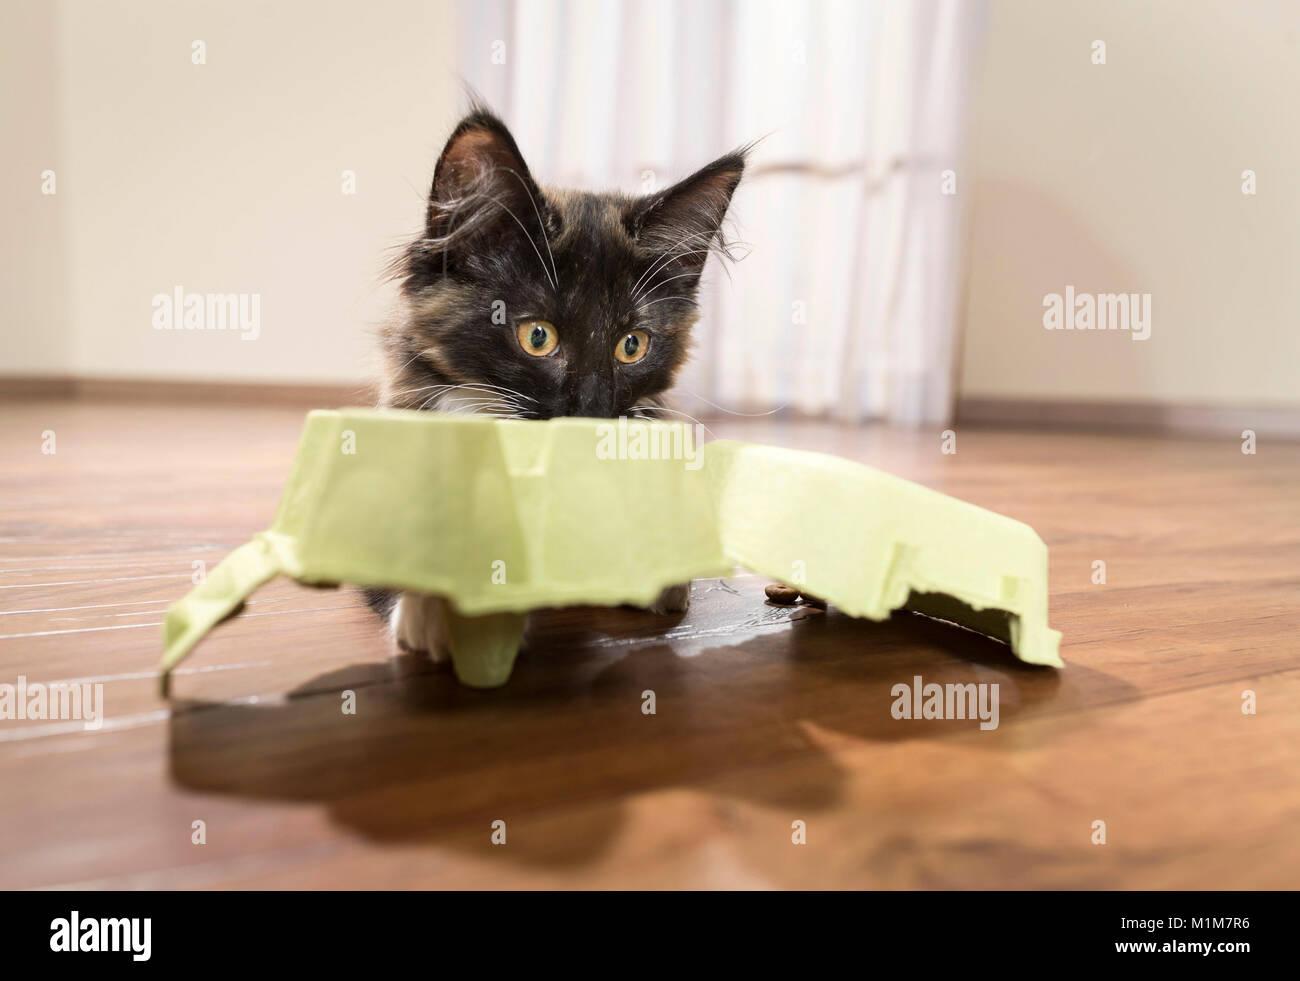 Norwegian Forest cat. Chaton jouant avec une boîte d'oeufs. L'Allemagne. Restriction: Pas disponible Photo Stock